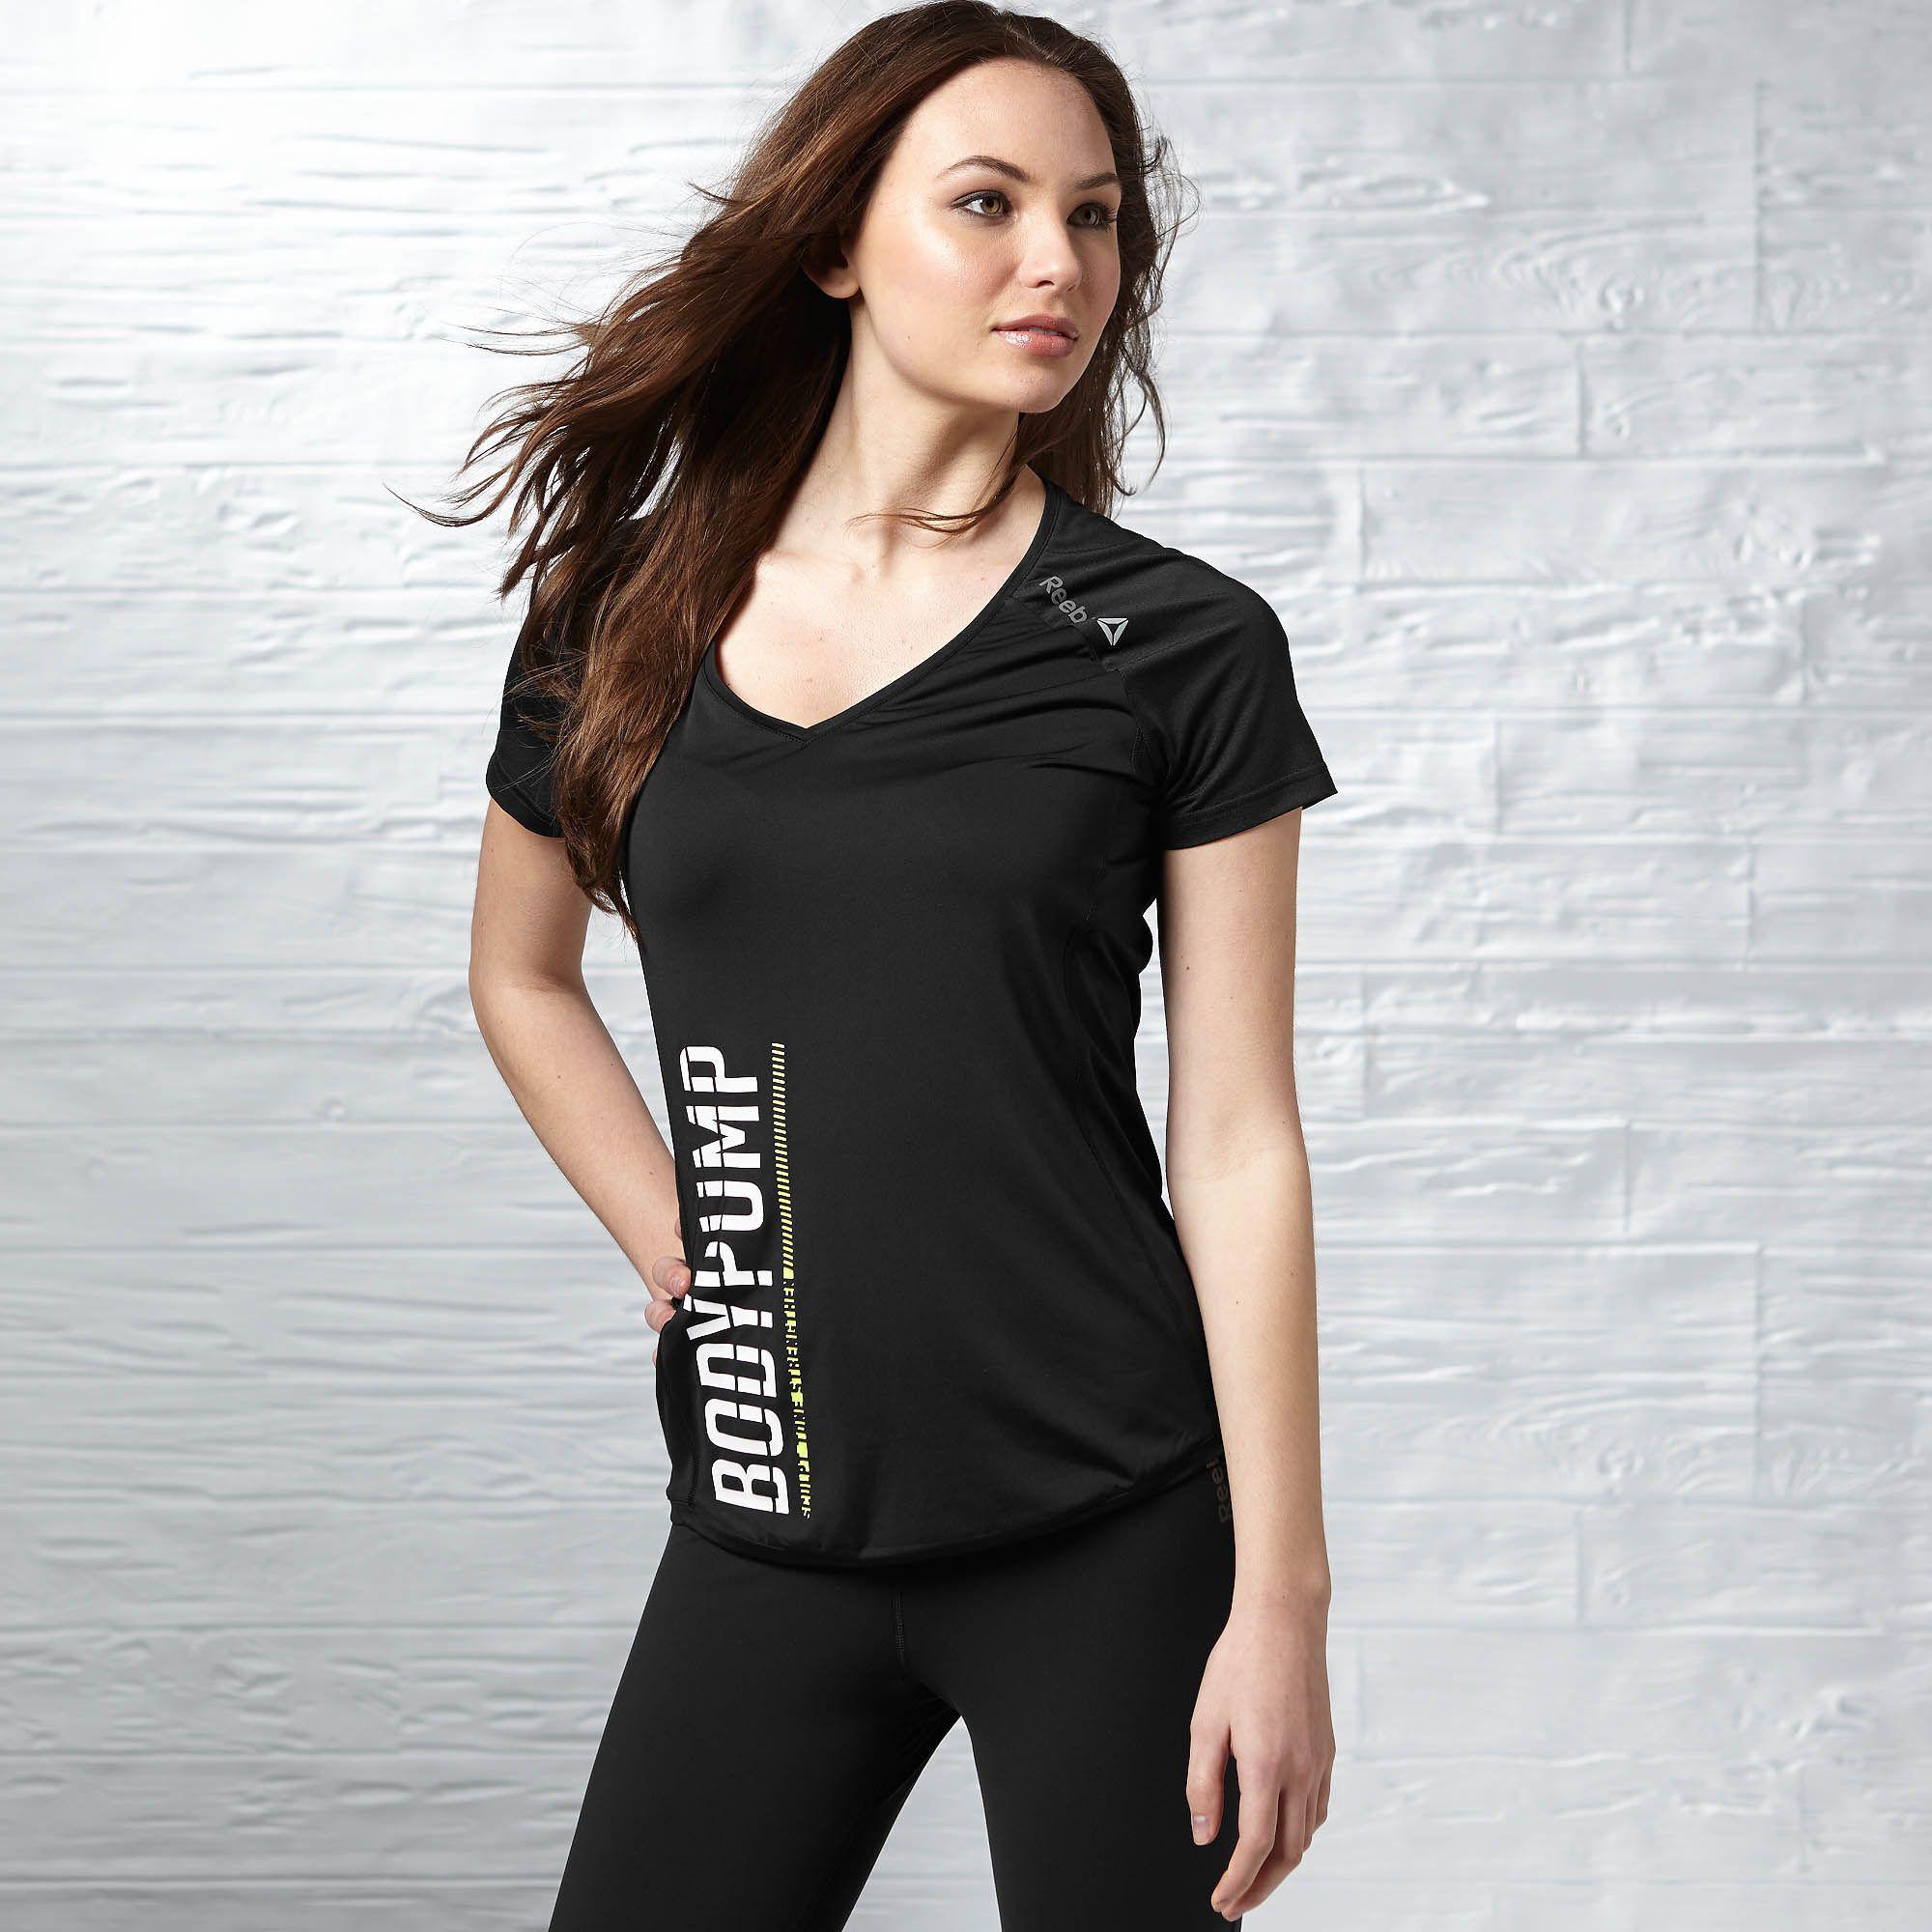 les mills body pump shirt